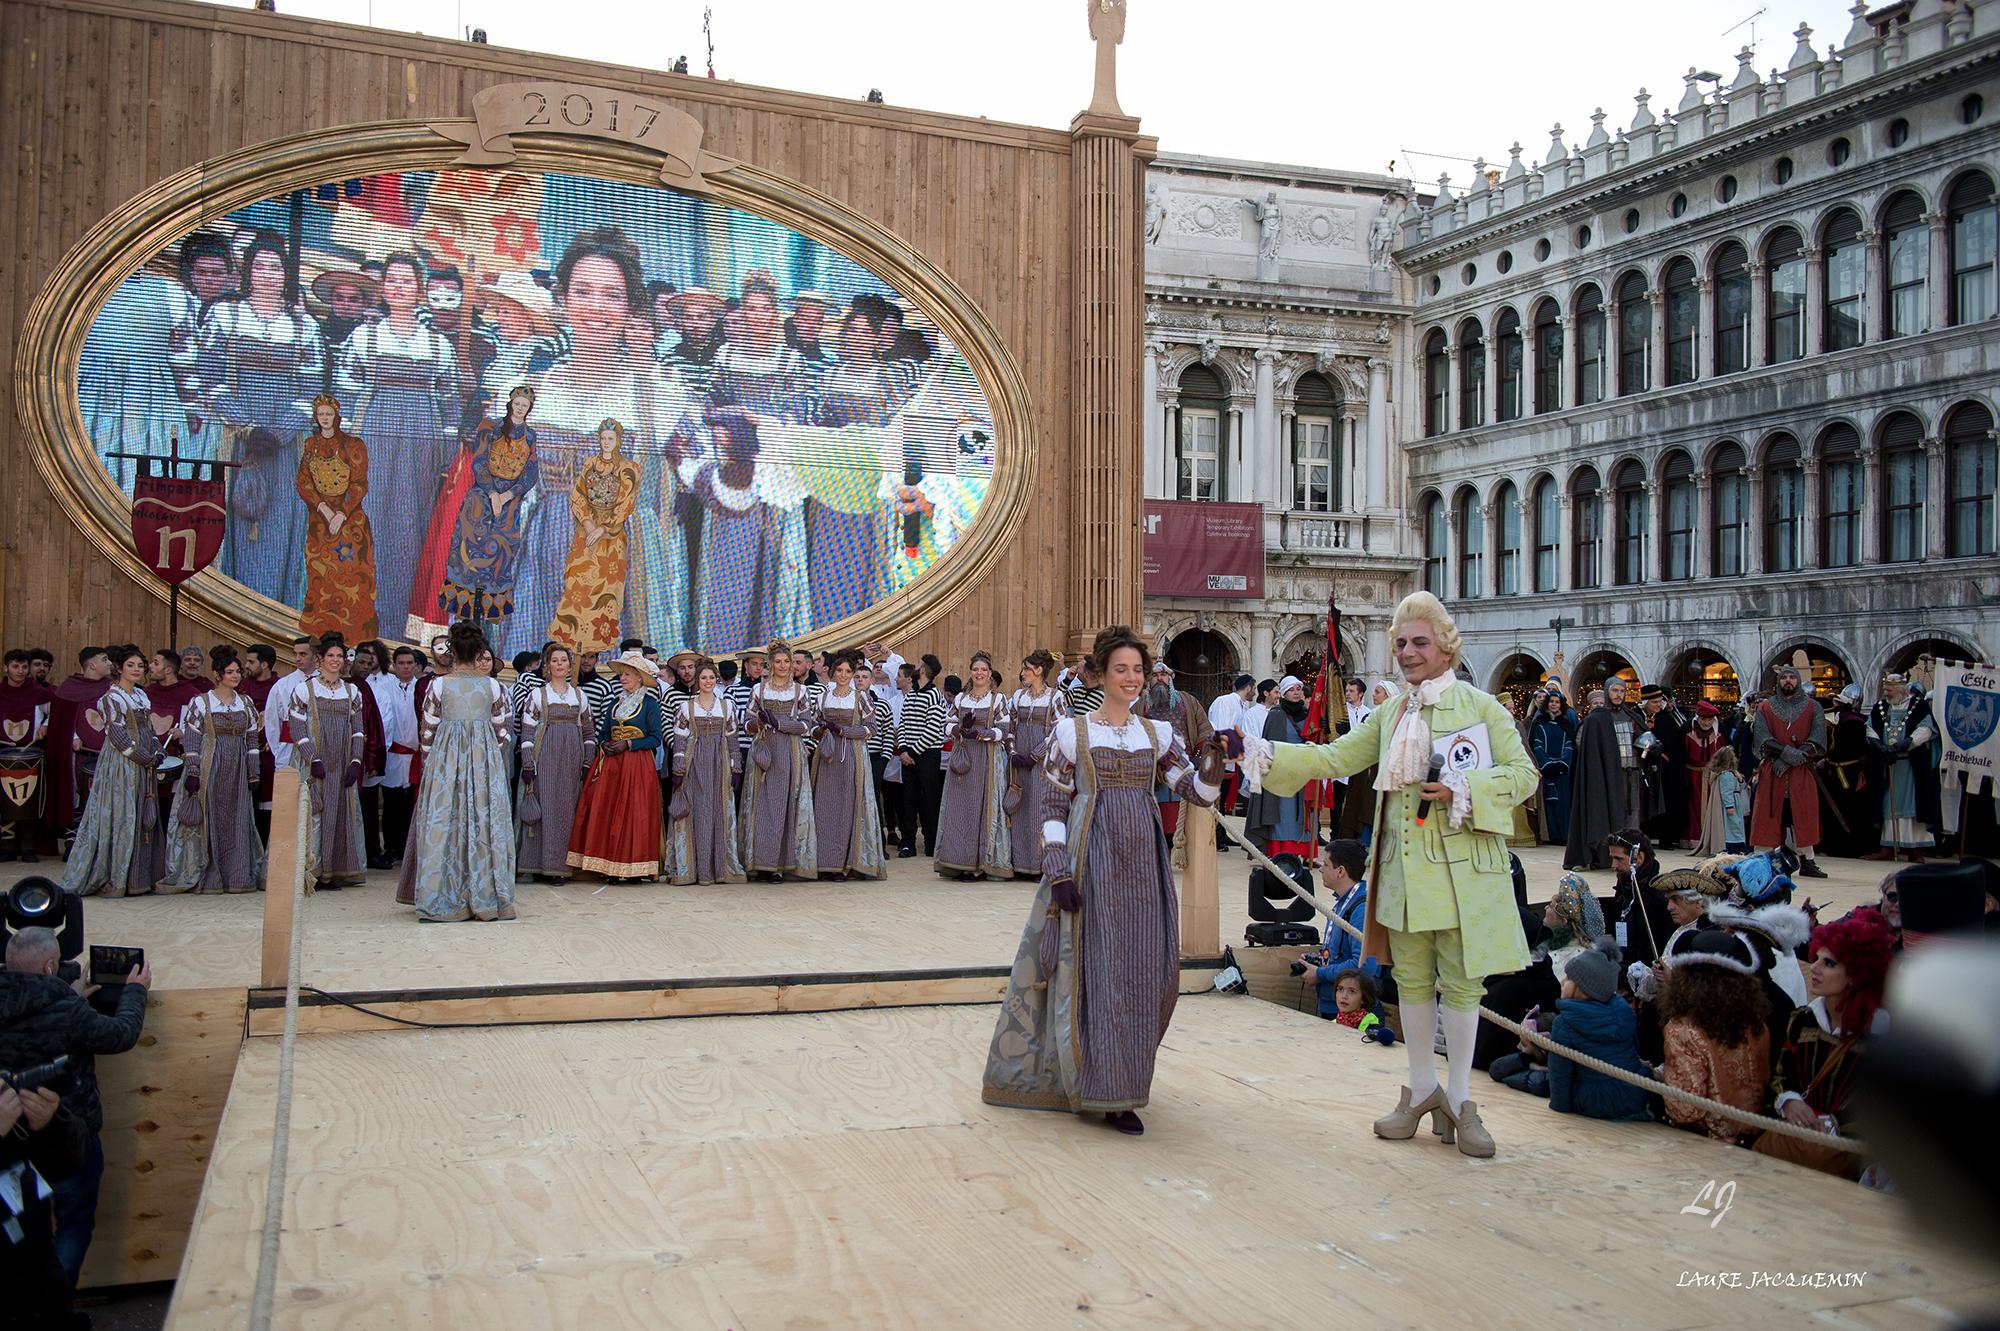 Meilleur photos Carnaval de Venise 2018 laure jacquemin (9)